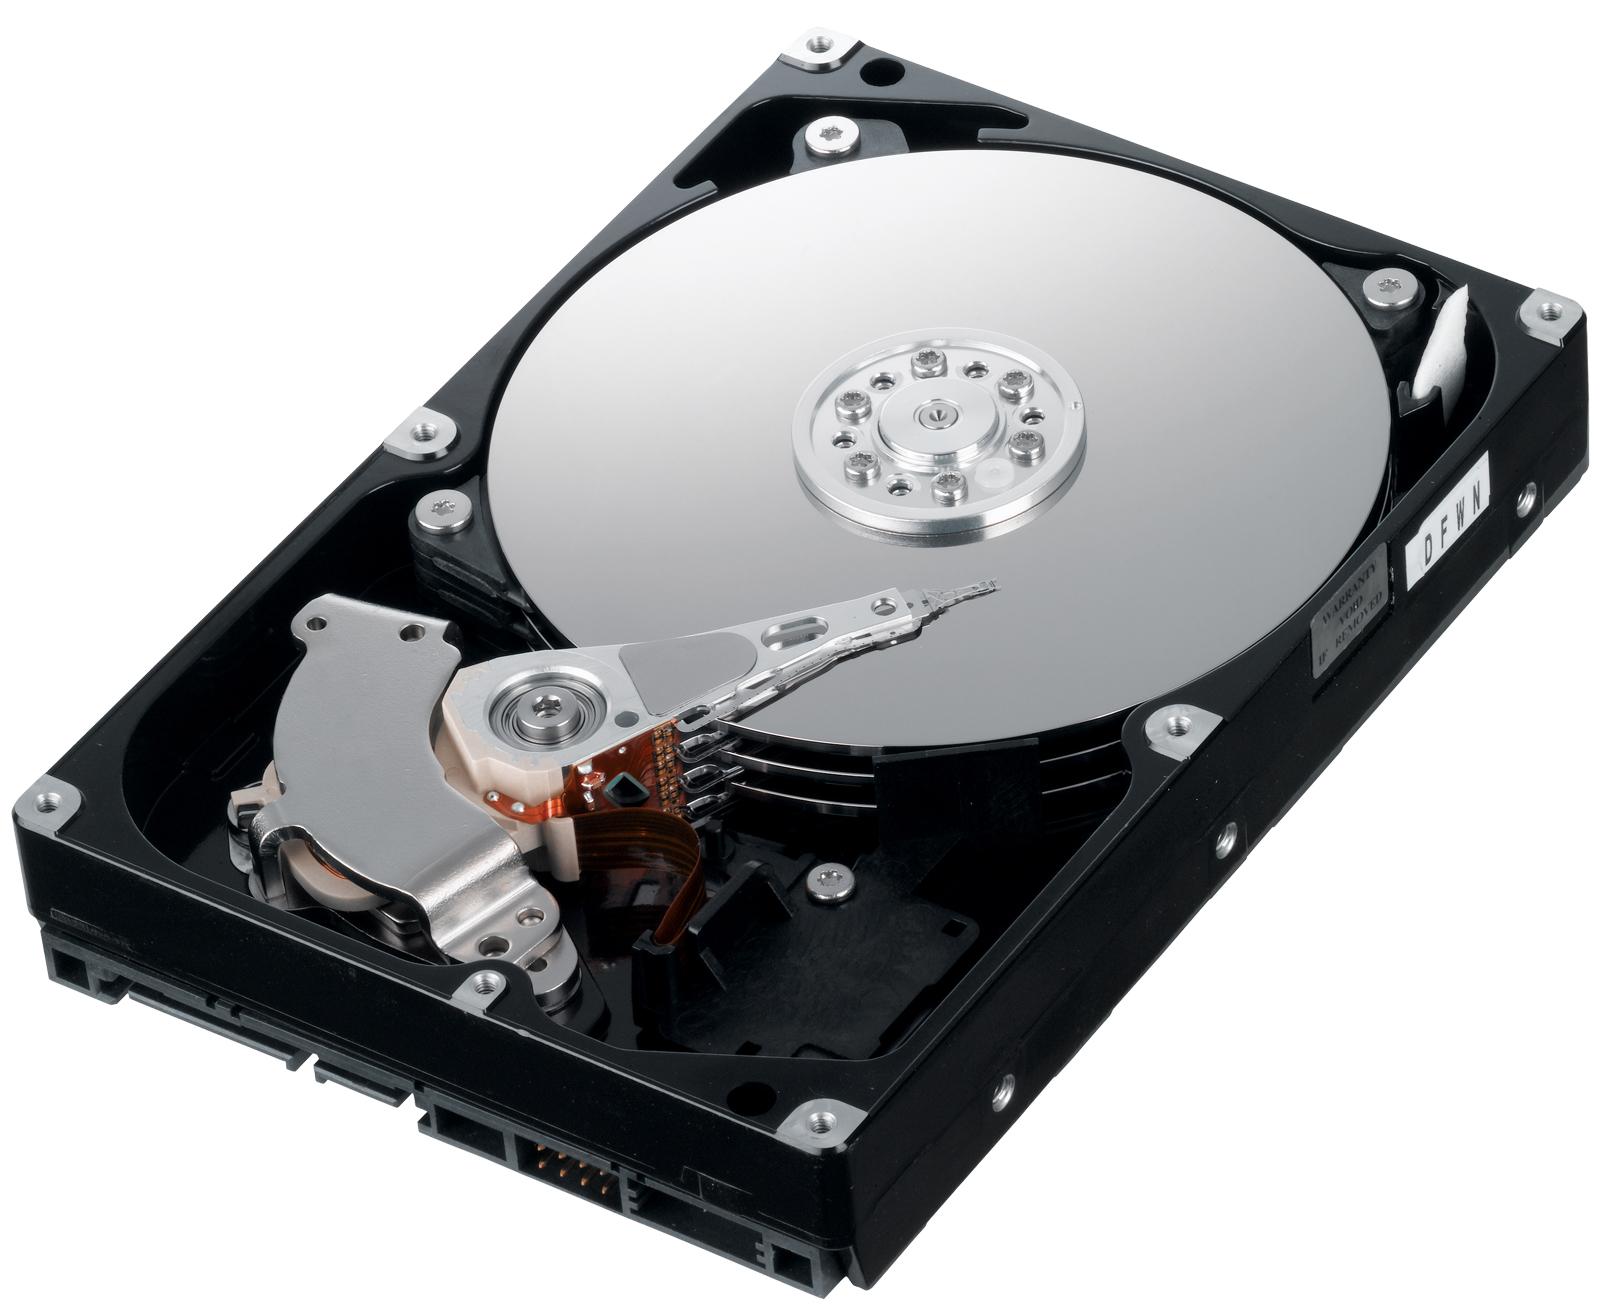 изображение на диске: